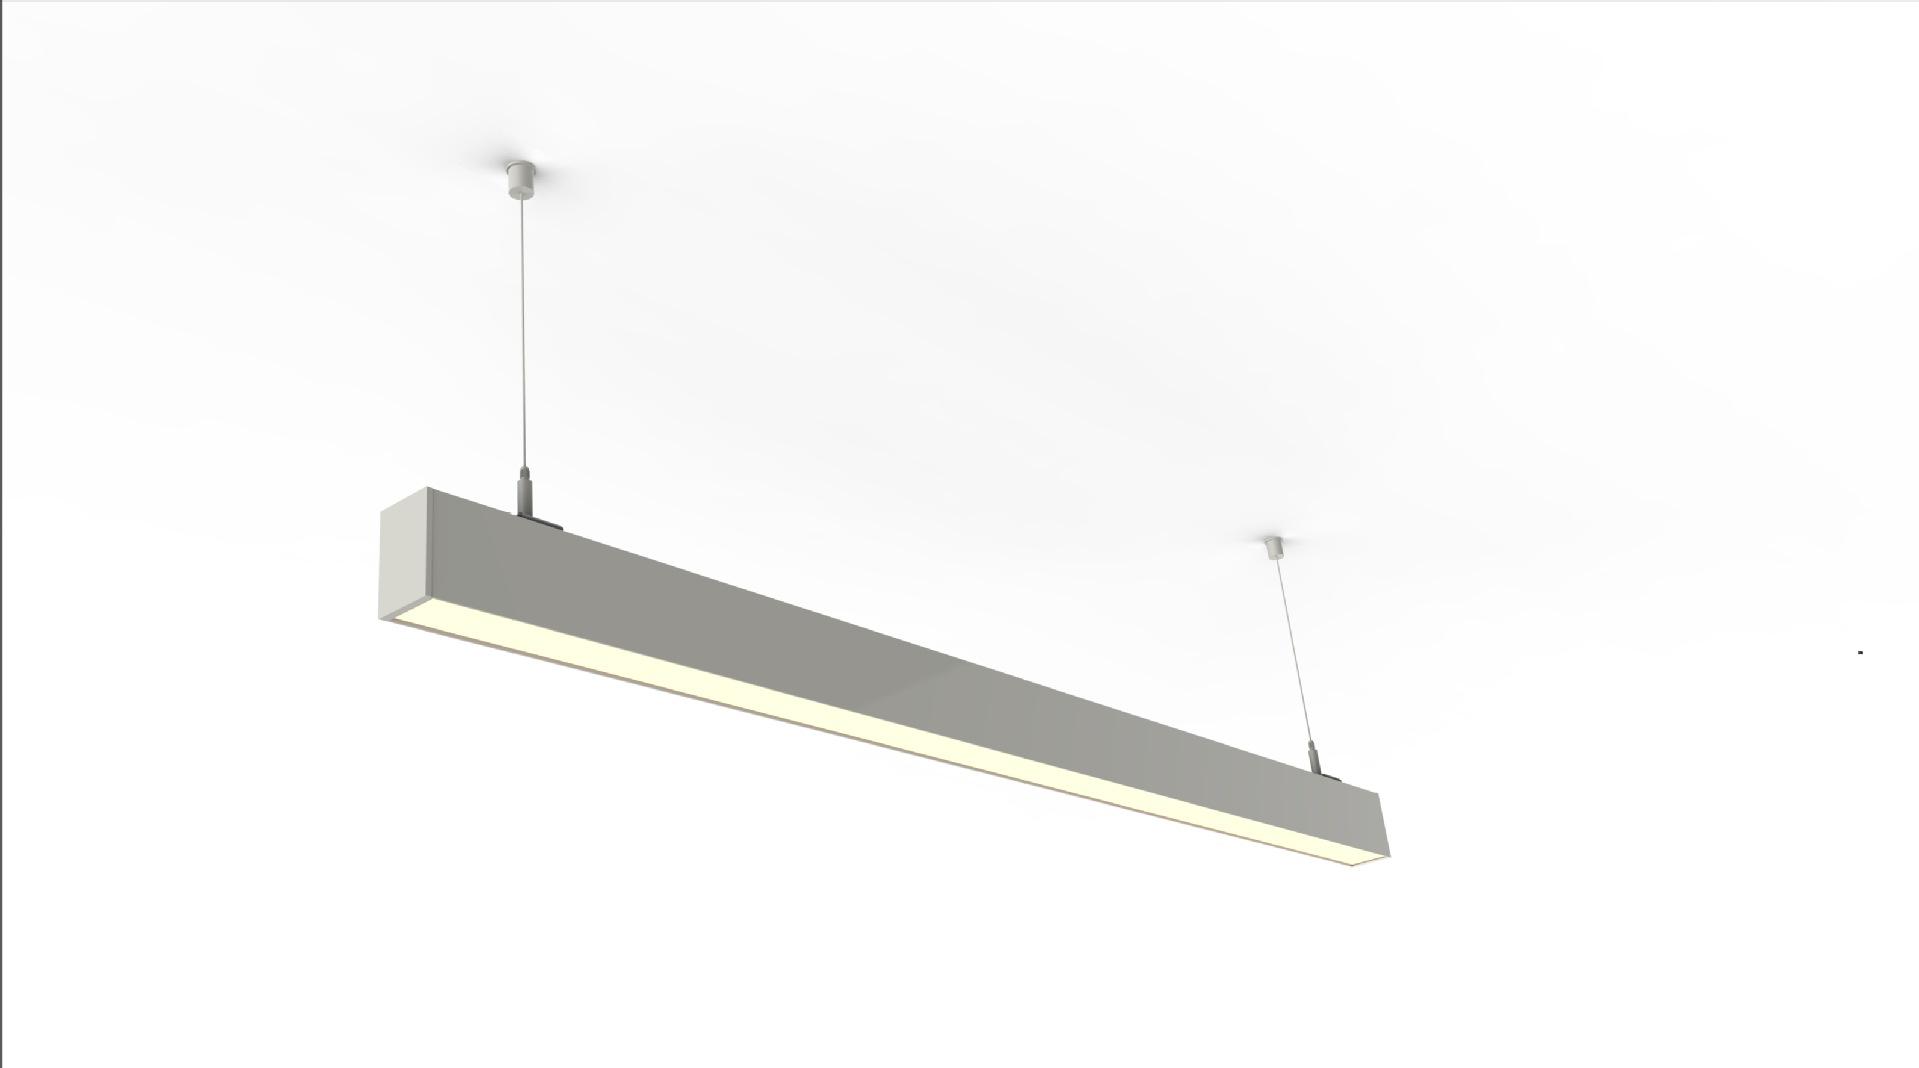 Bóng đen LED âm trần Lumbency 2.26 mét 72W khảm đậu tuyến tính hiện đại gắn đèn 107-R PMMA điều khiể